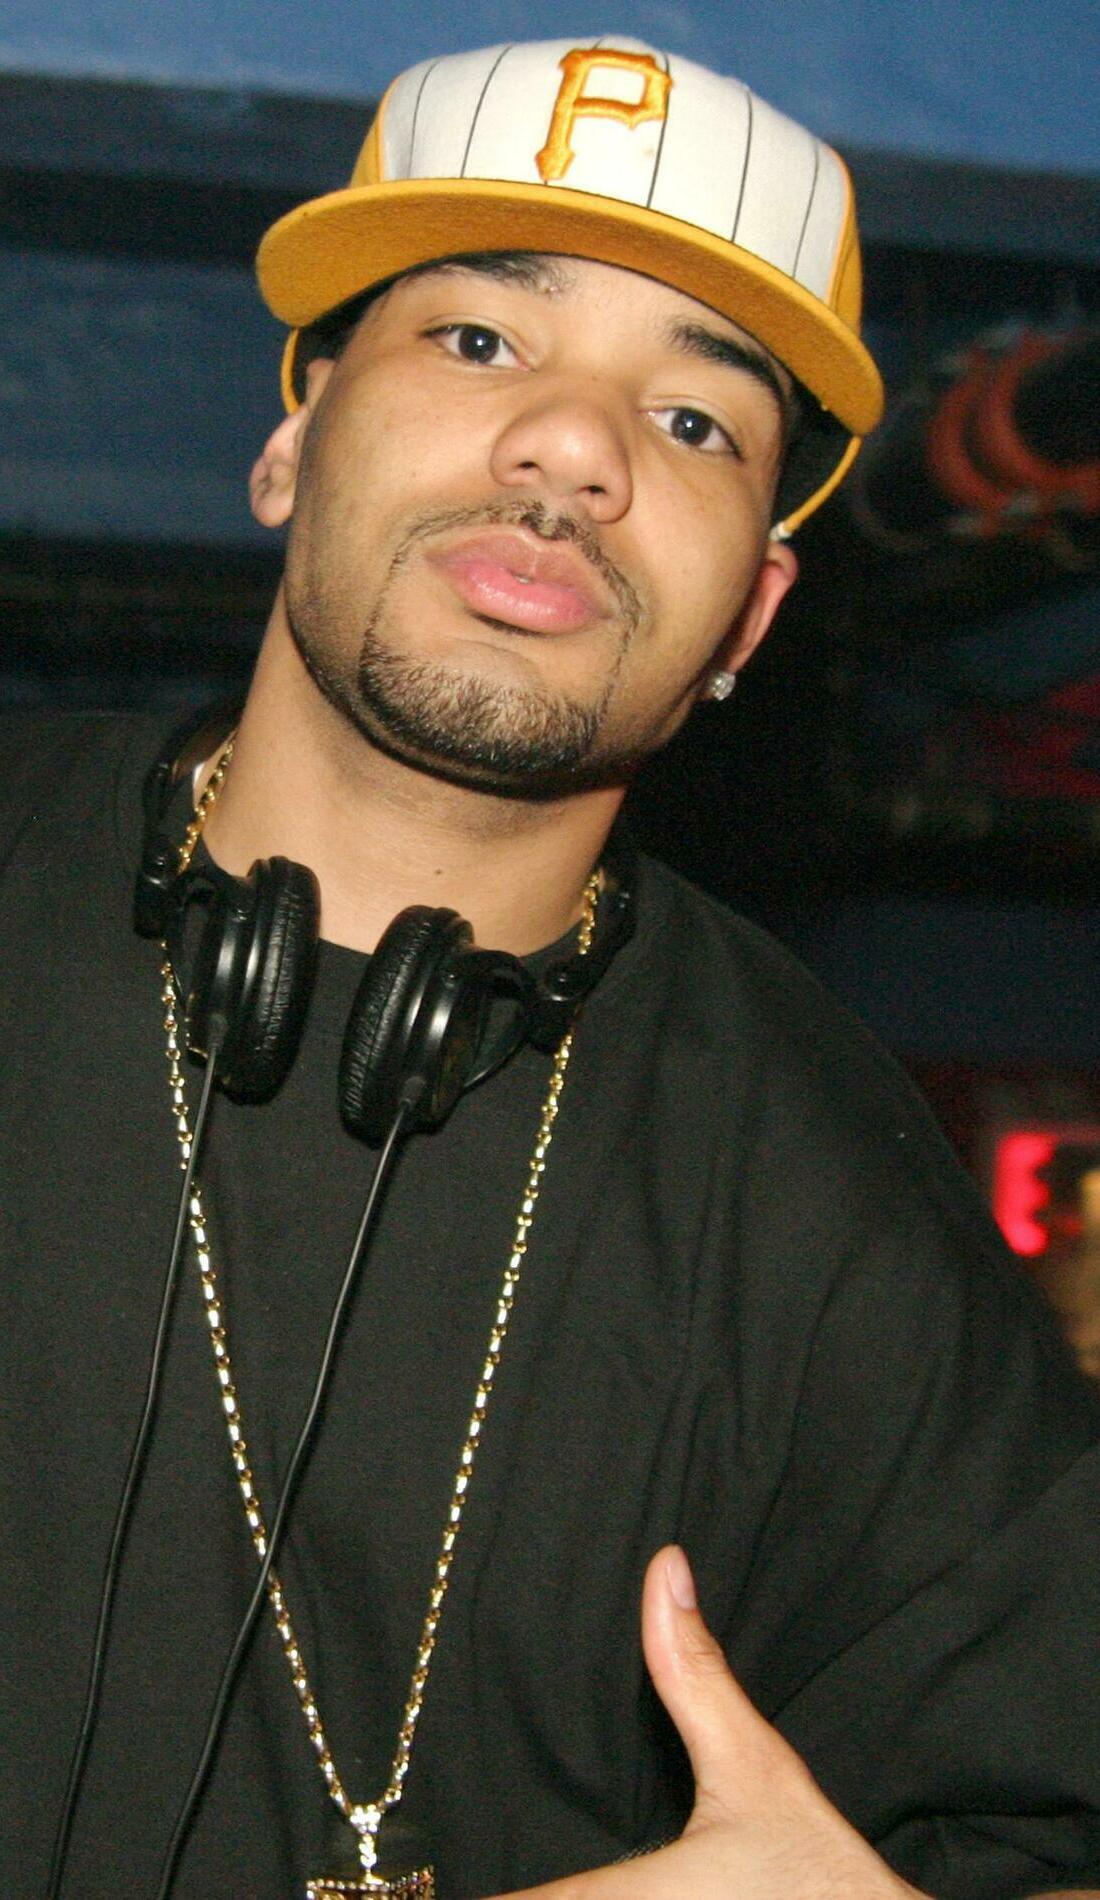 A DJ Envy live event